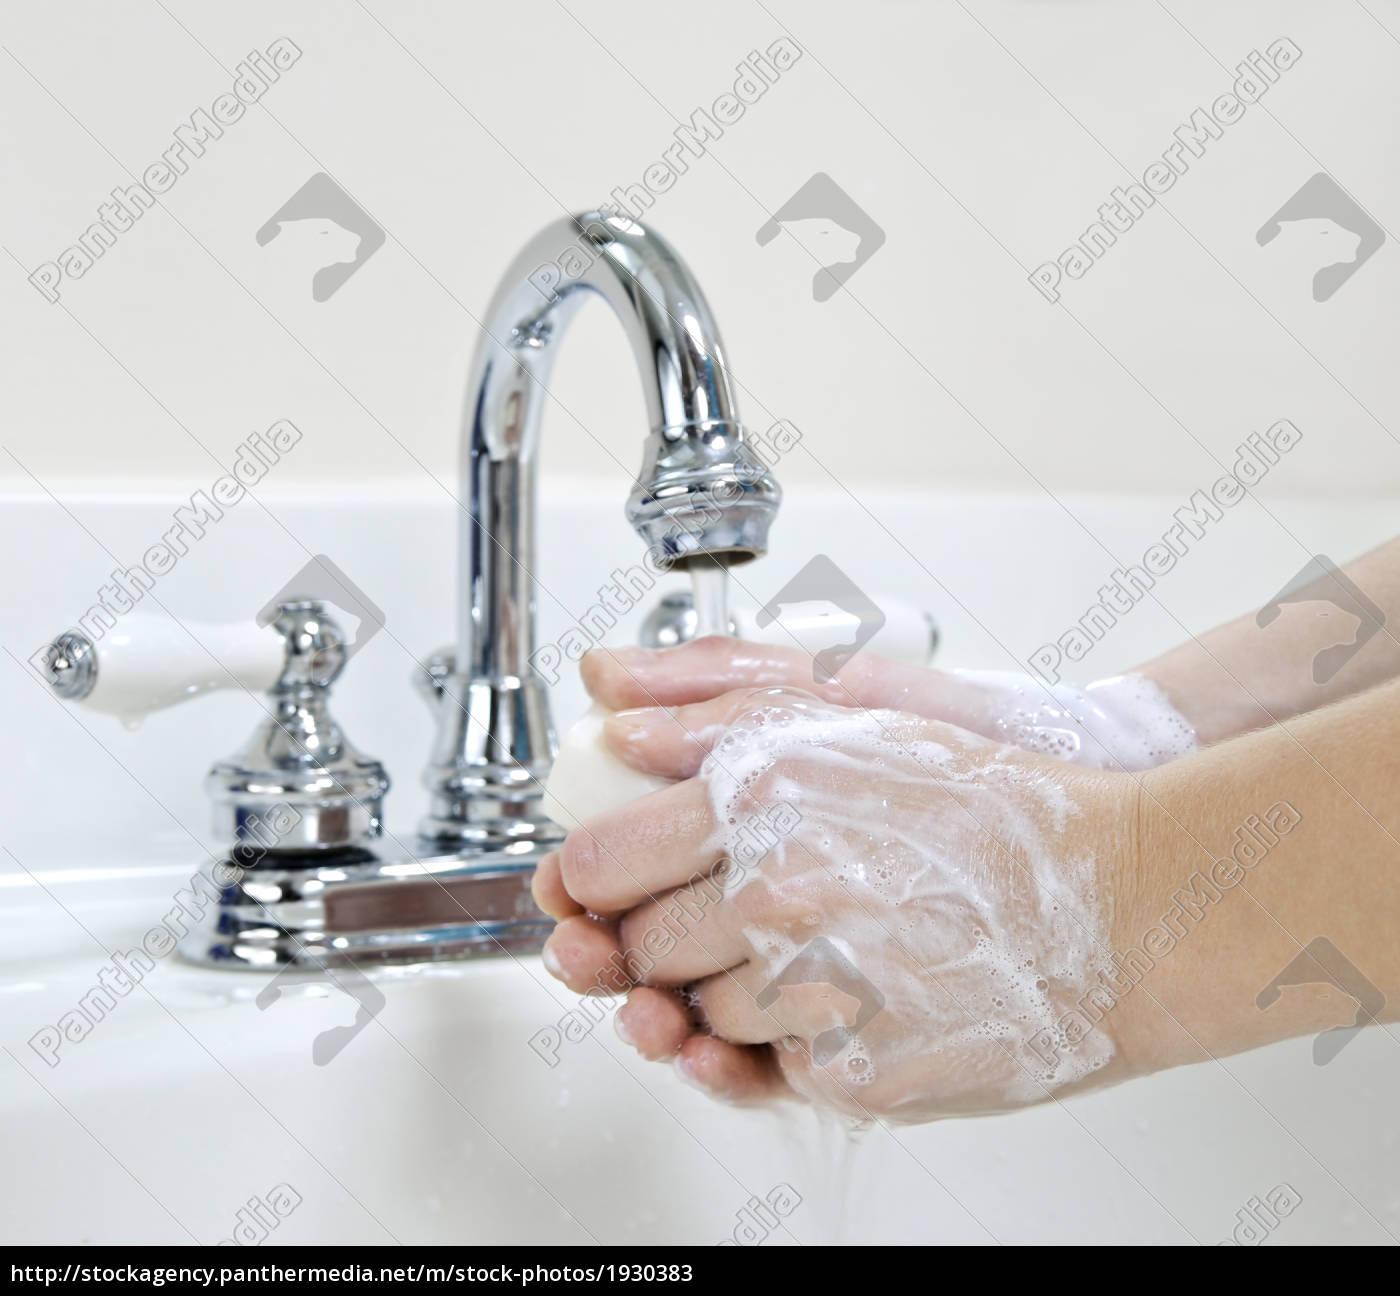 waschen, der, hände - 1930383